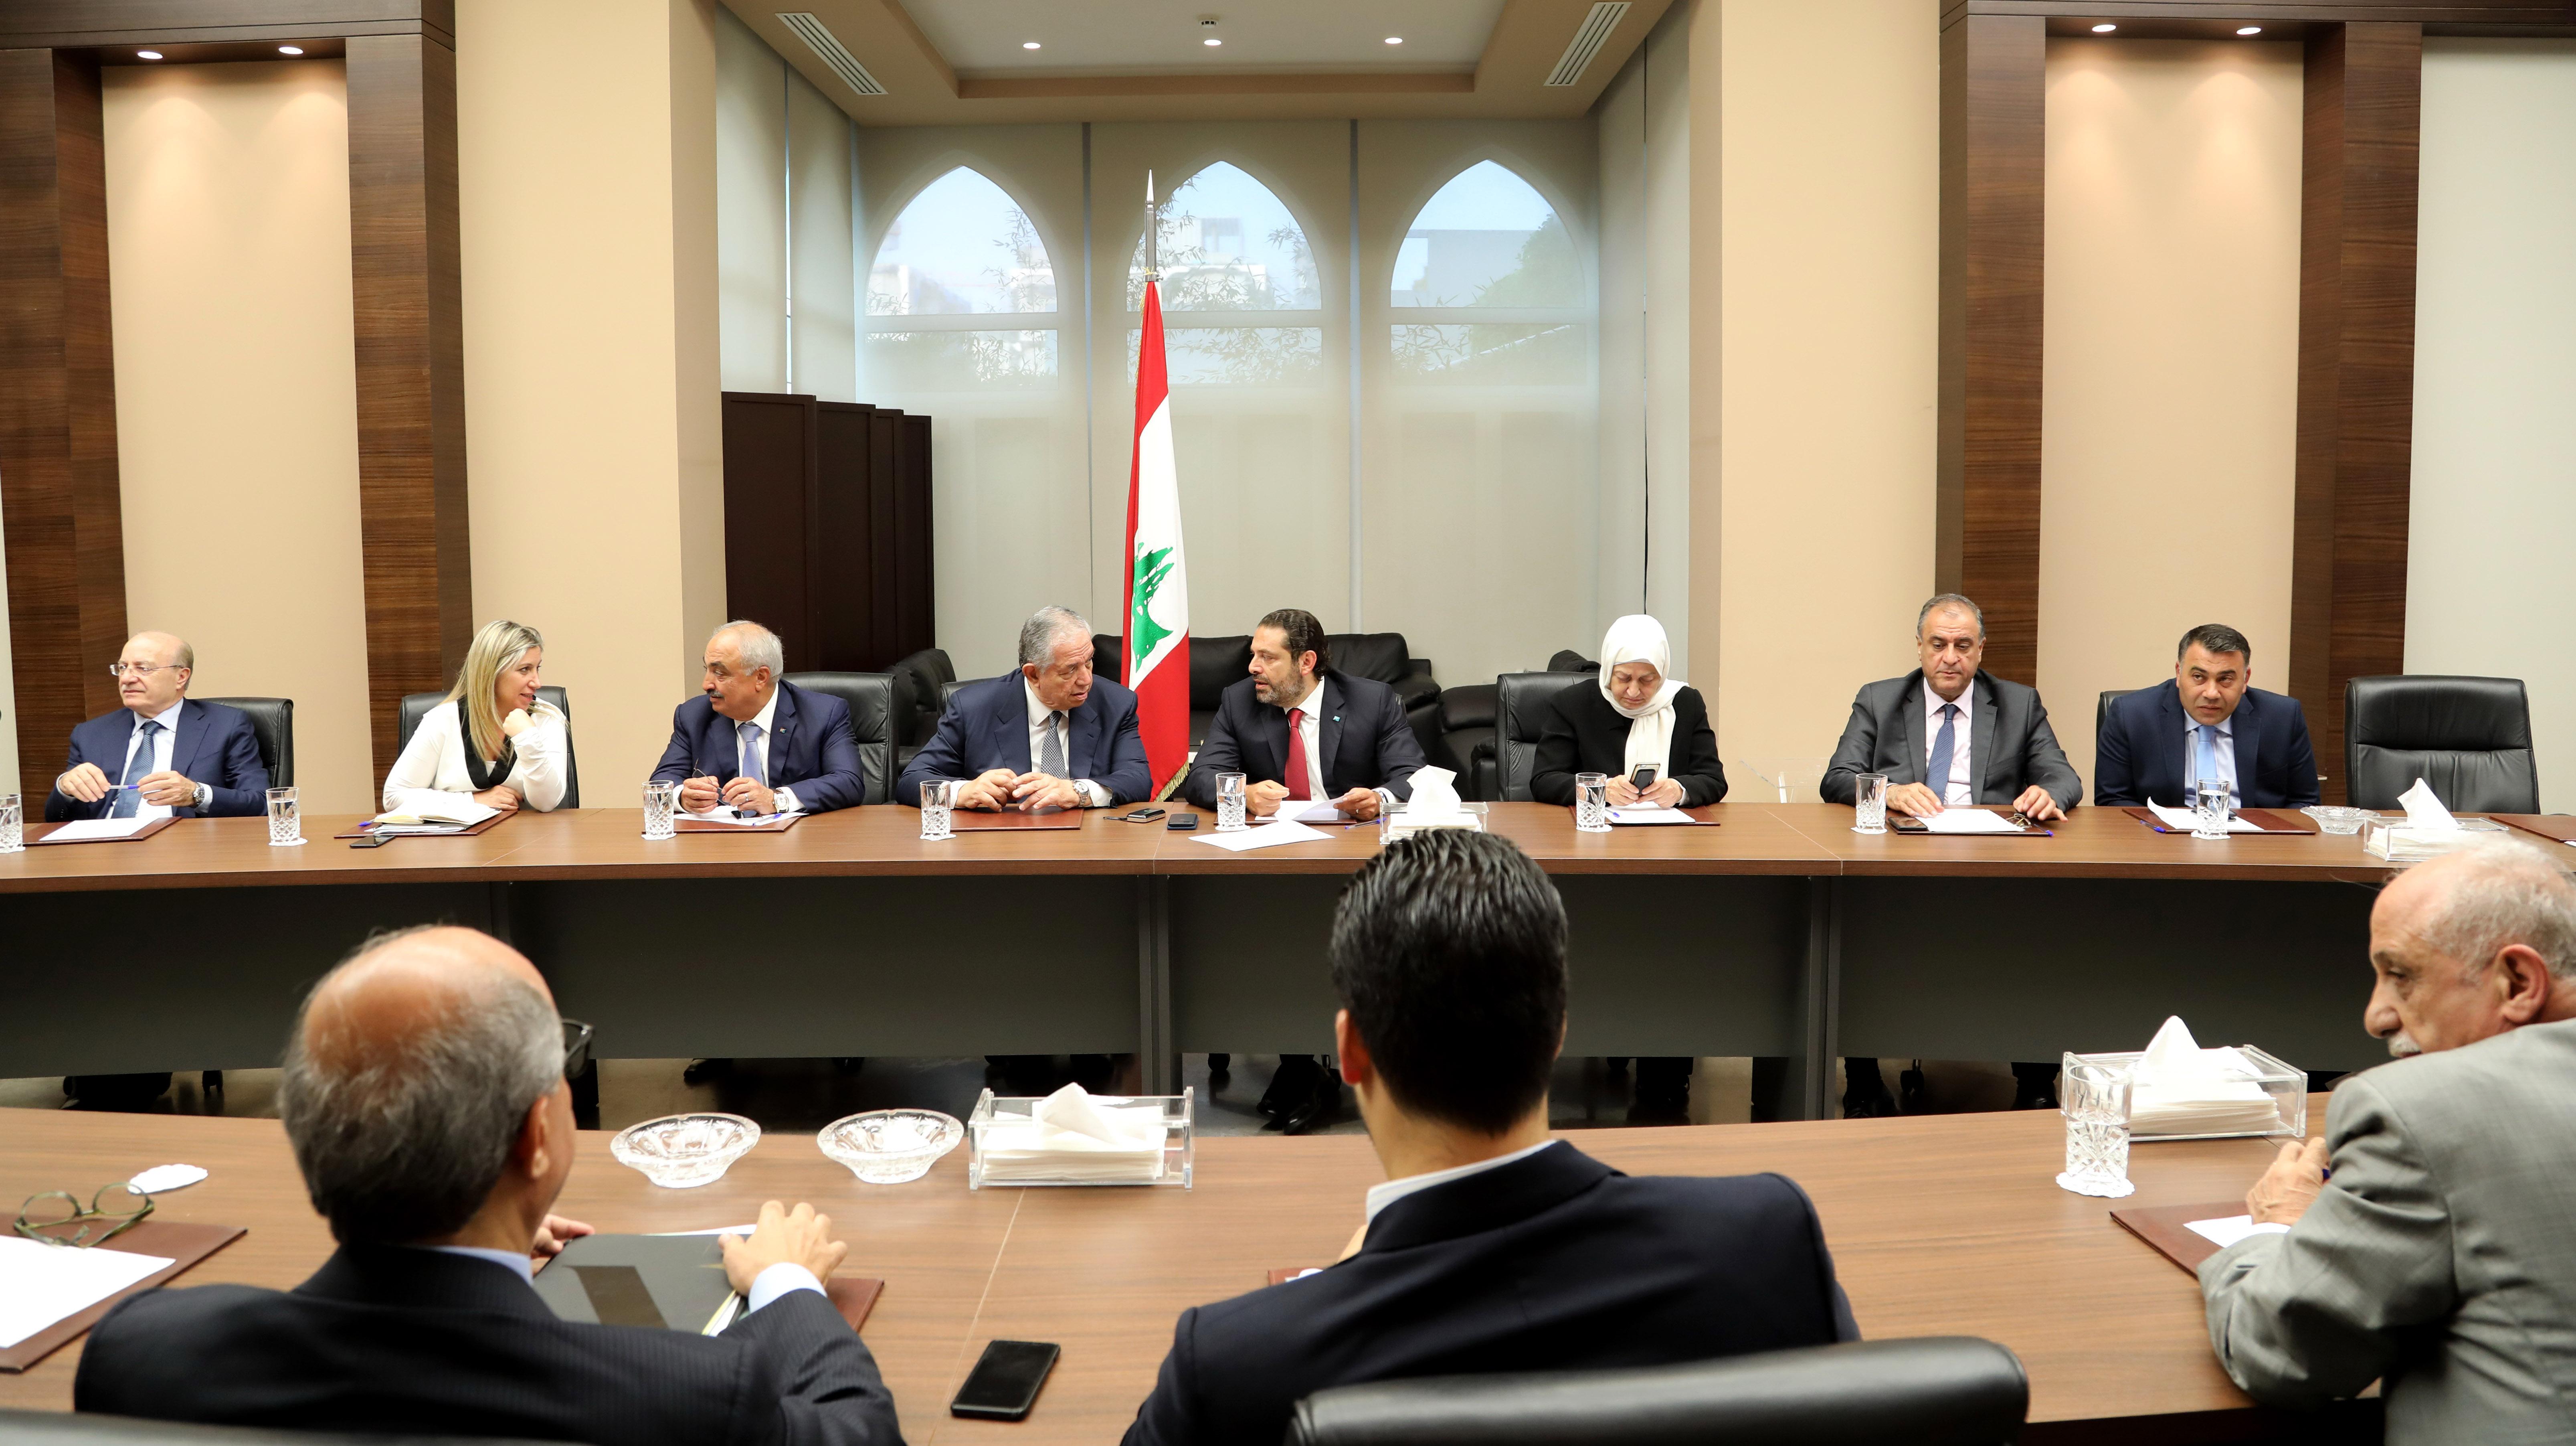 Pr Minister Saad Hariri meets a Delegation from Almustaqbal MPs Bloc 2